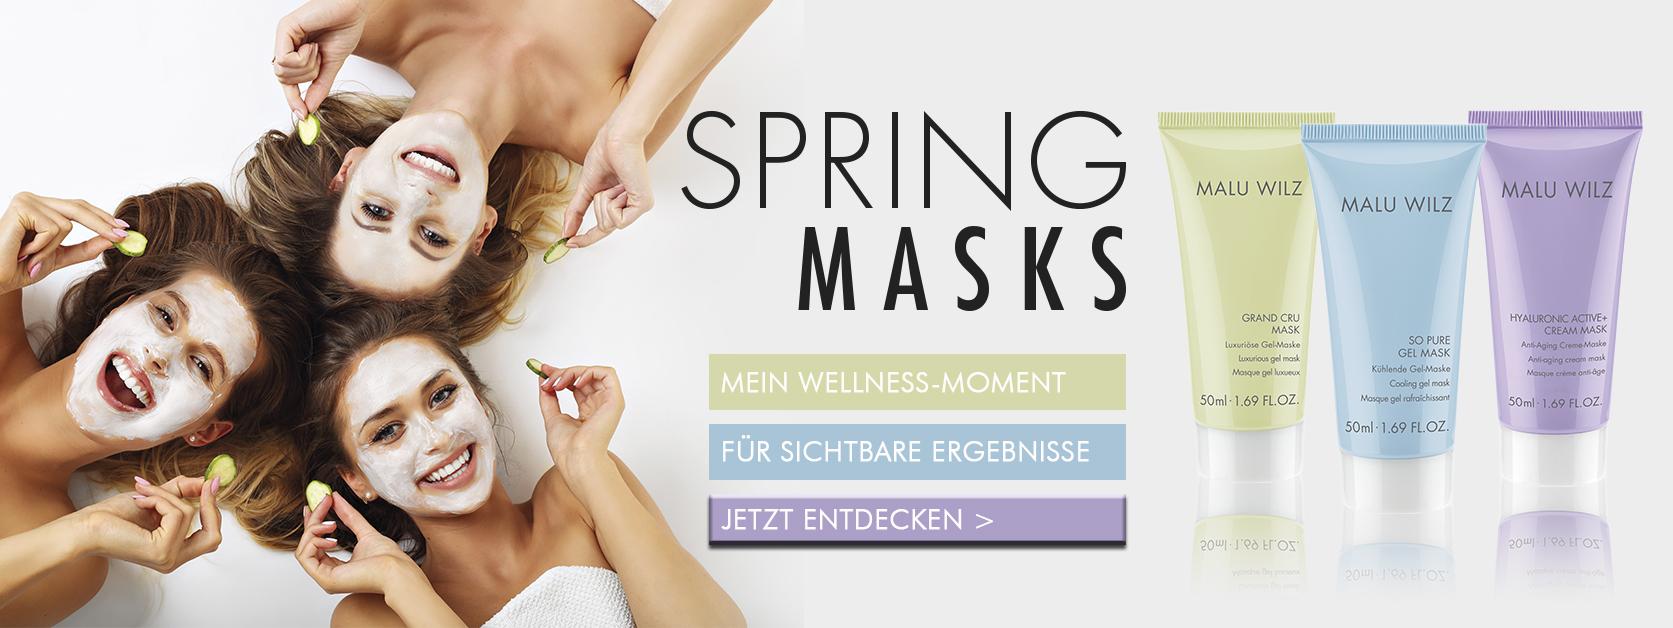 Frauen mit Gesichtsmaske